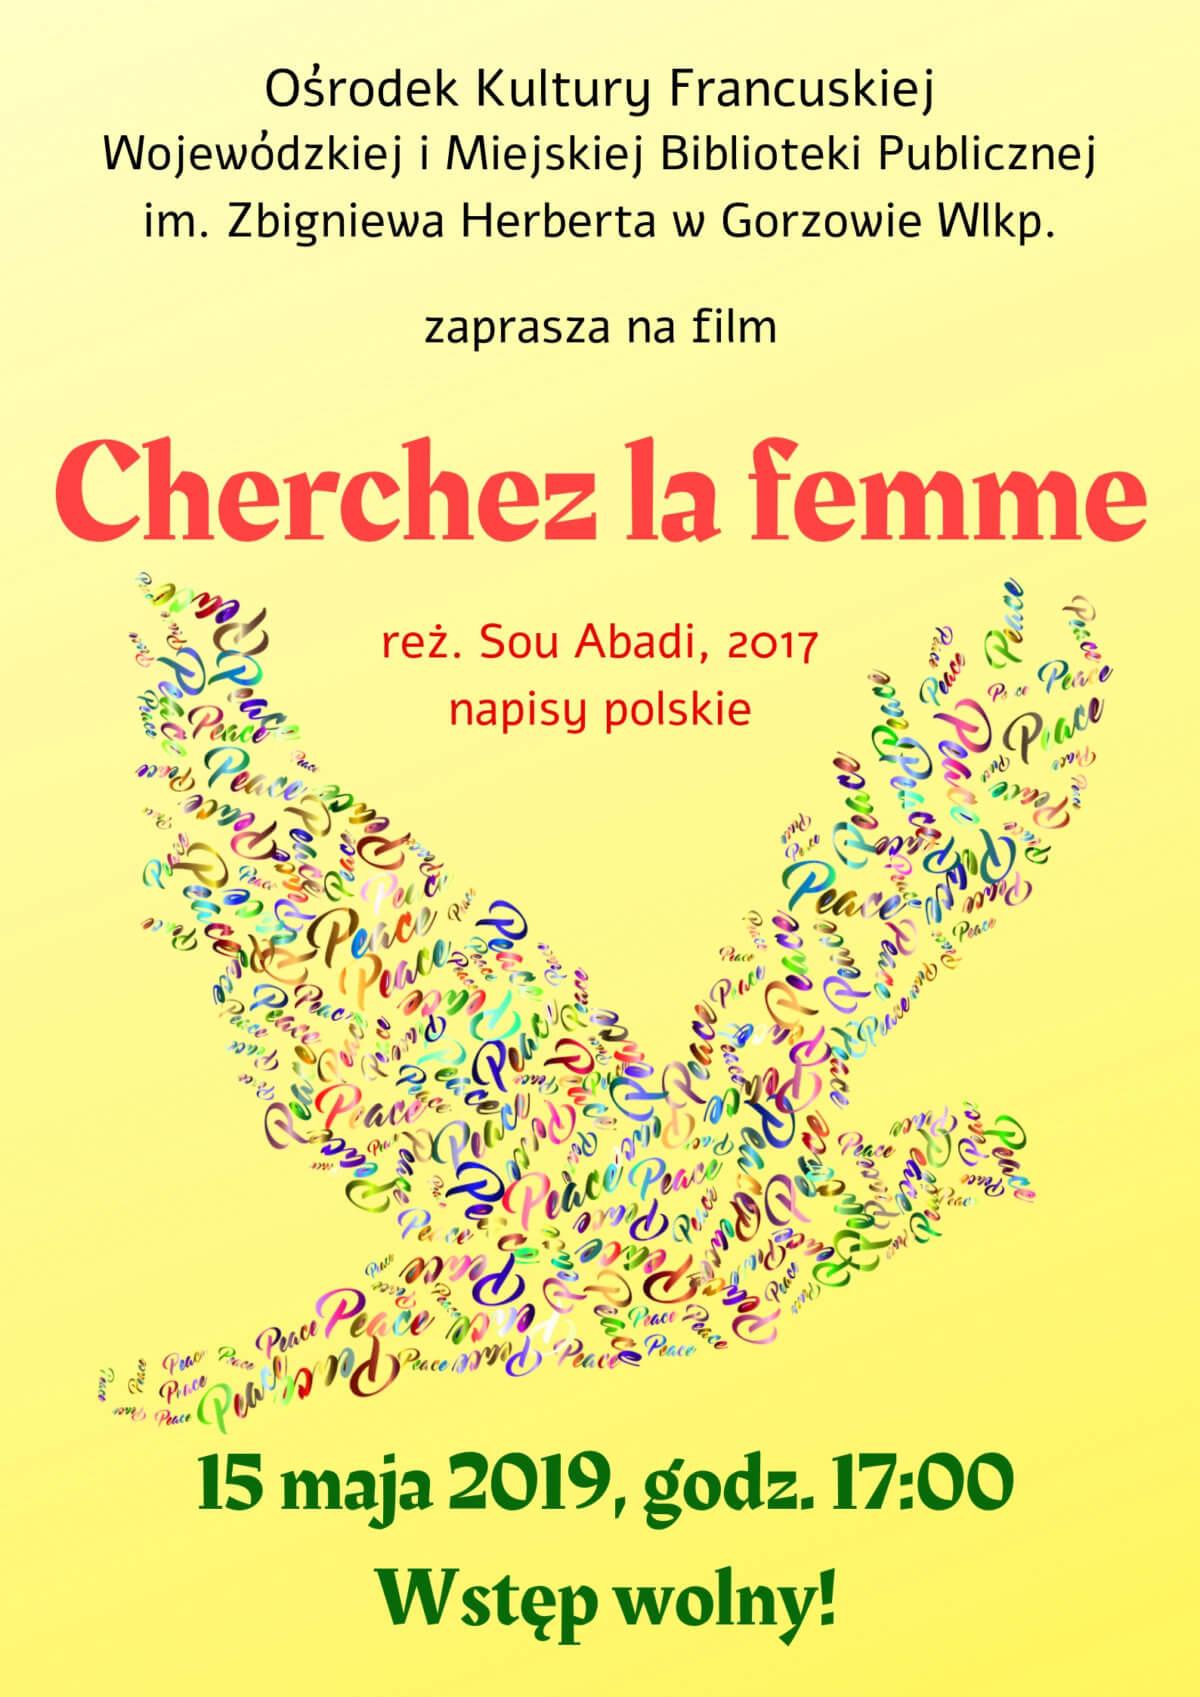 """15 maja 2019 r. o godzinie 17:00 Ośrodek Kultury Francuskiej zaprasza na projekcję komedii """"Cherchez la femme"""". Film wyświetlony zostanie z polskimi napisami."""